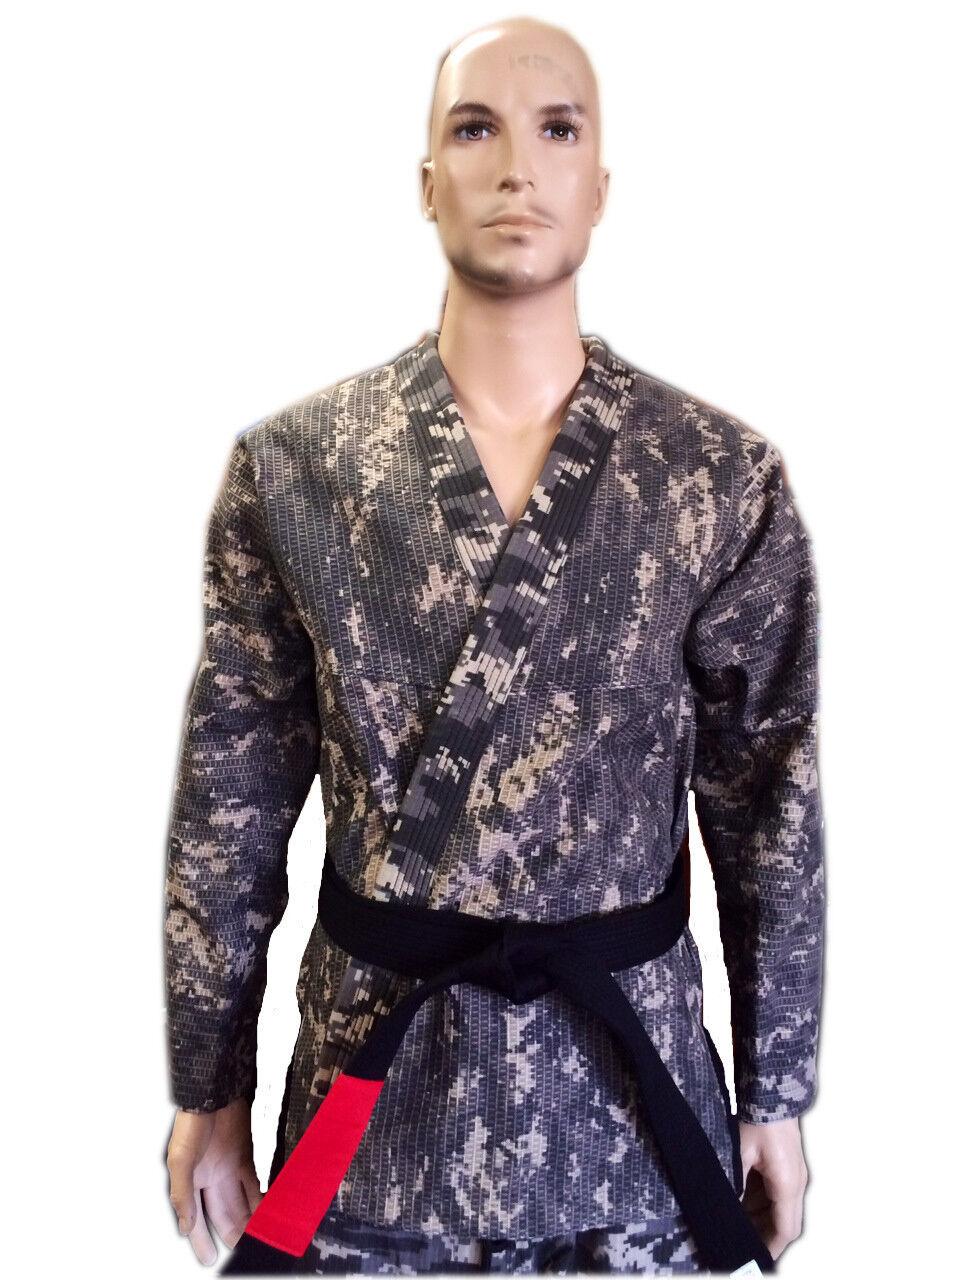 Woldorf USA BJJ jiu  jitsu Kimono gold Weave Digital Camouflage Uniform gi NOLOGO  free shipping!